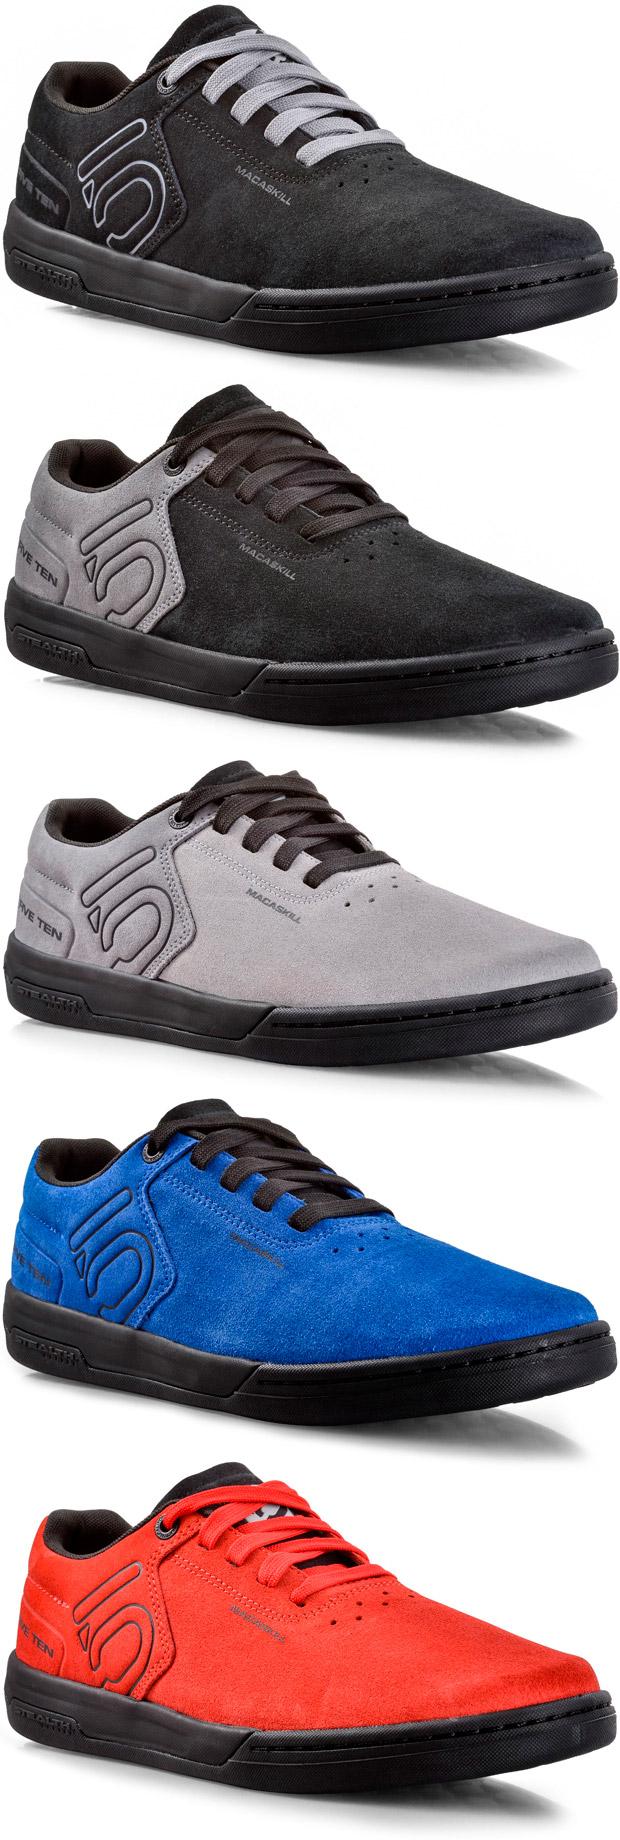 Nuevas zapatillas Five Ten Signature Danny MacAskill